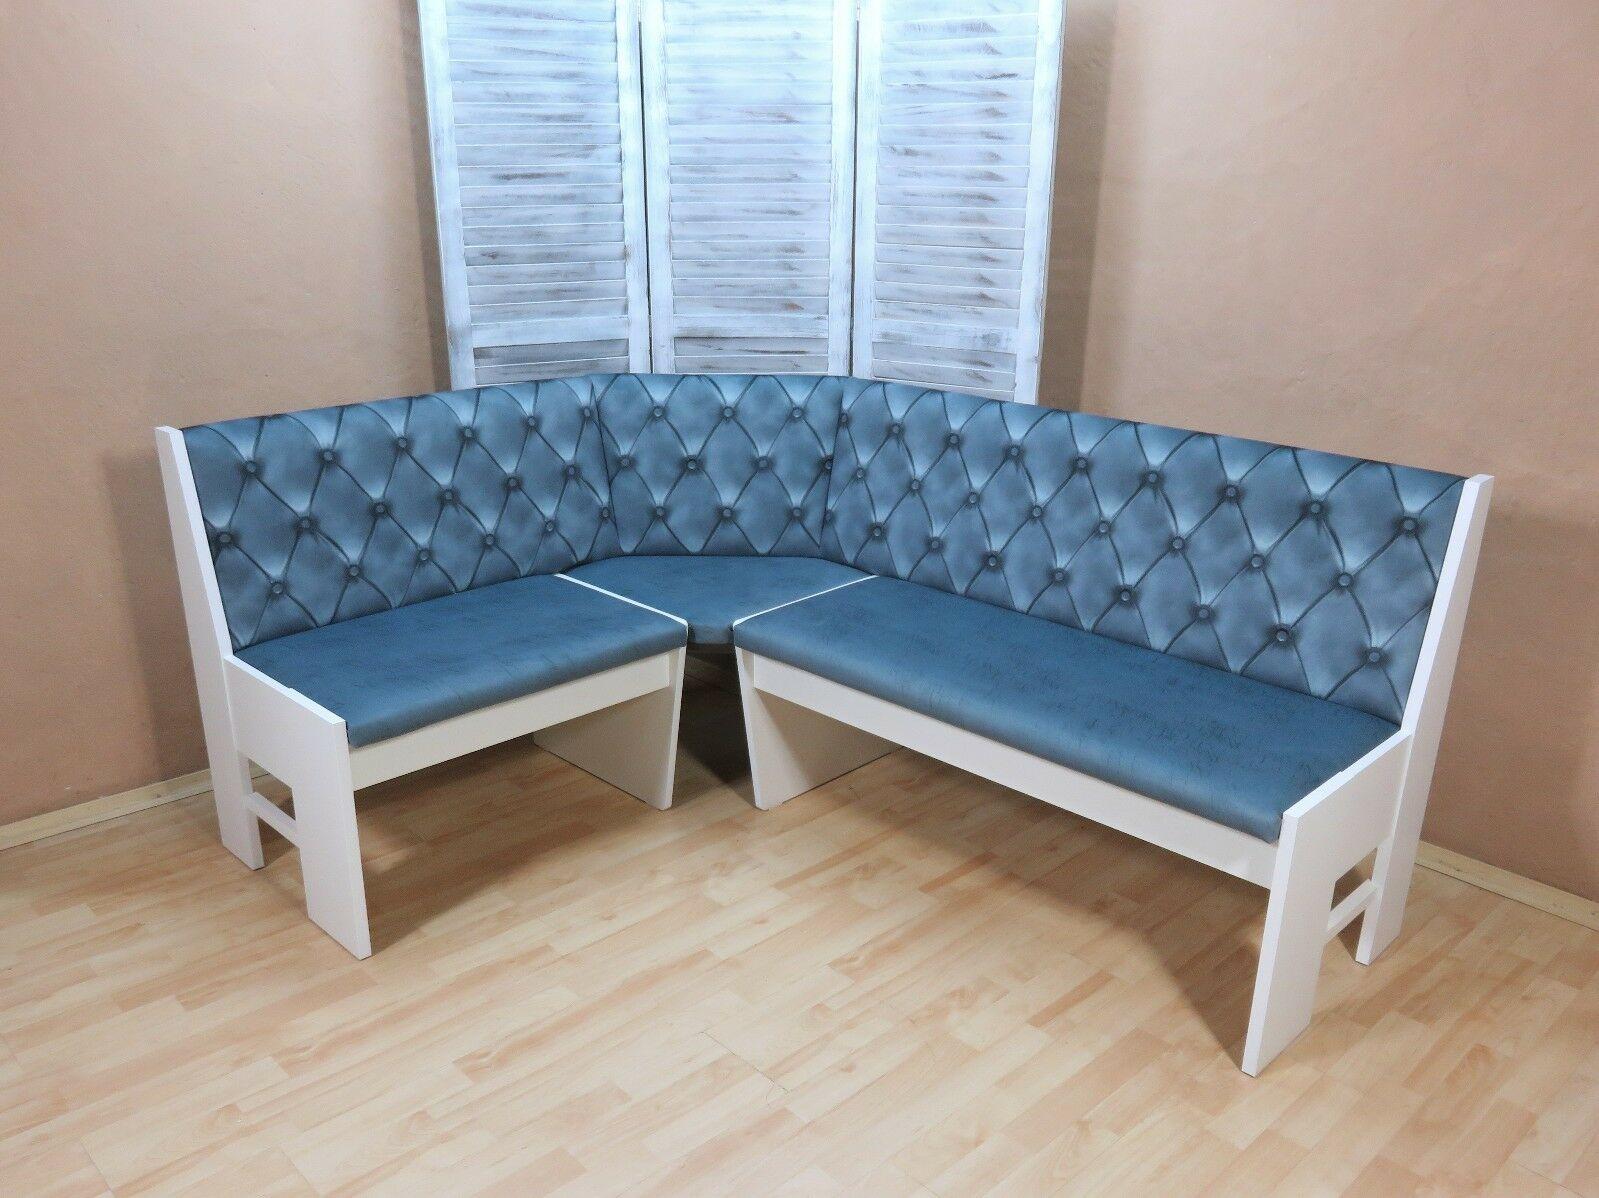 Truheneckbank Weiß Eisblau Eckbank Essecke Küchenbank Modern Design